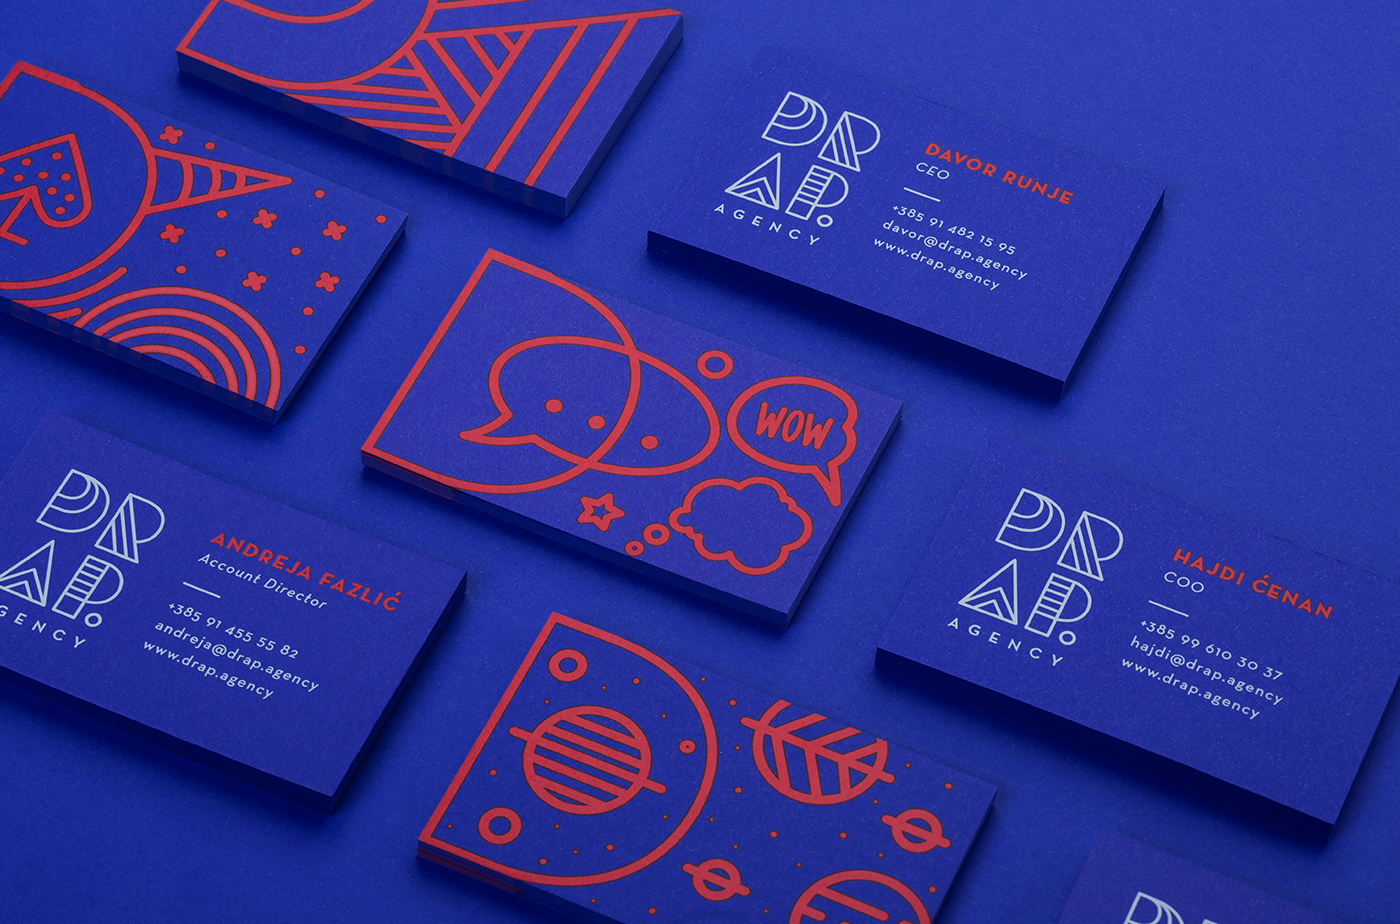 Diseño de tarjetas de la agencia DRAP.